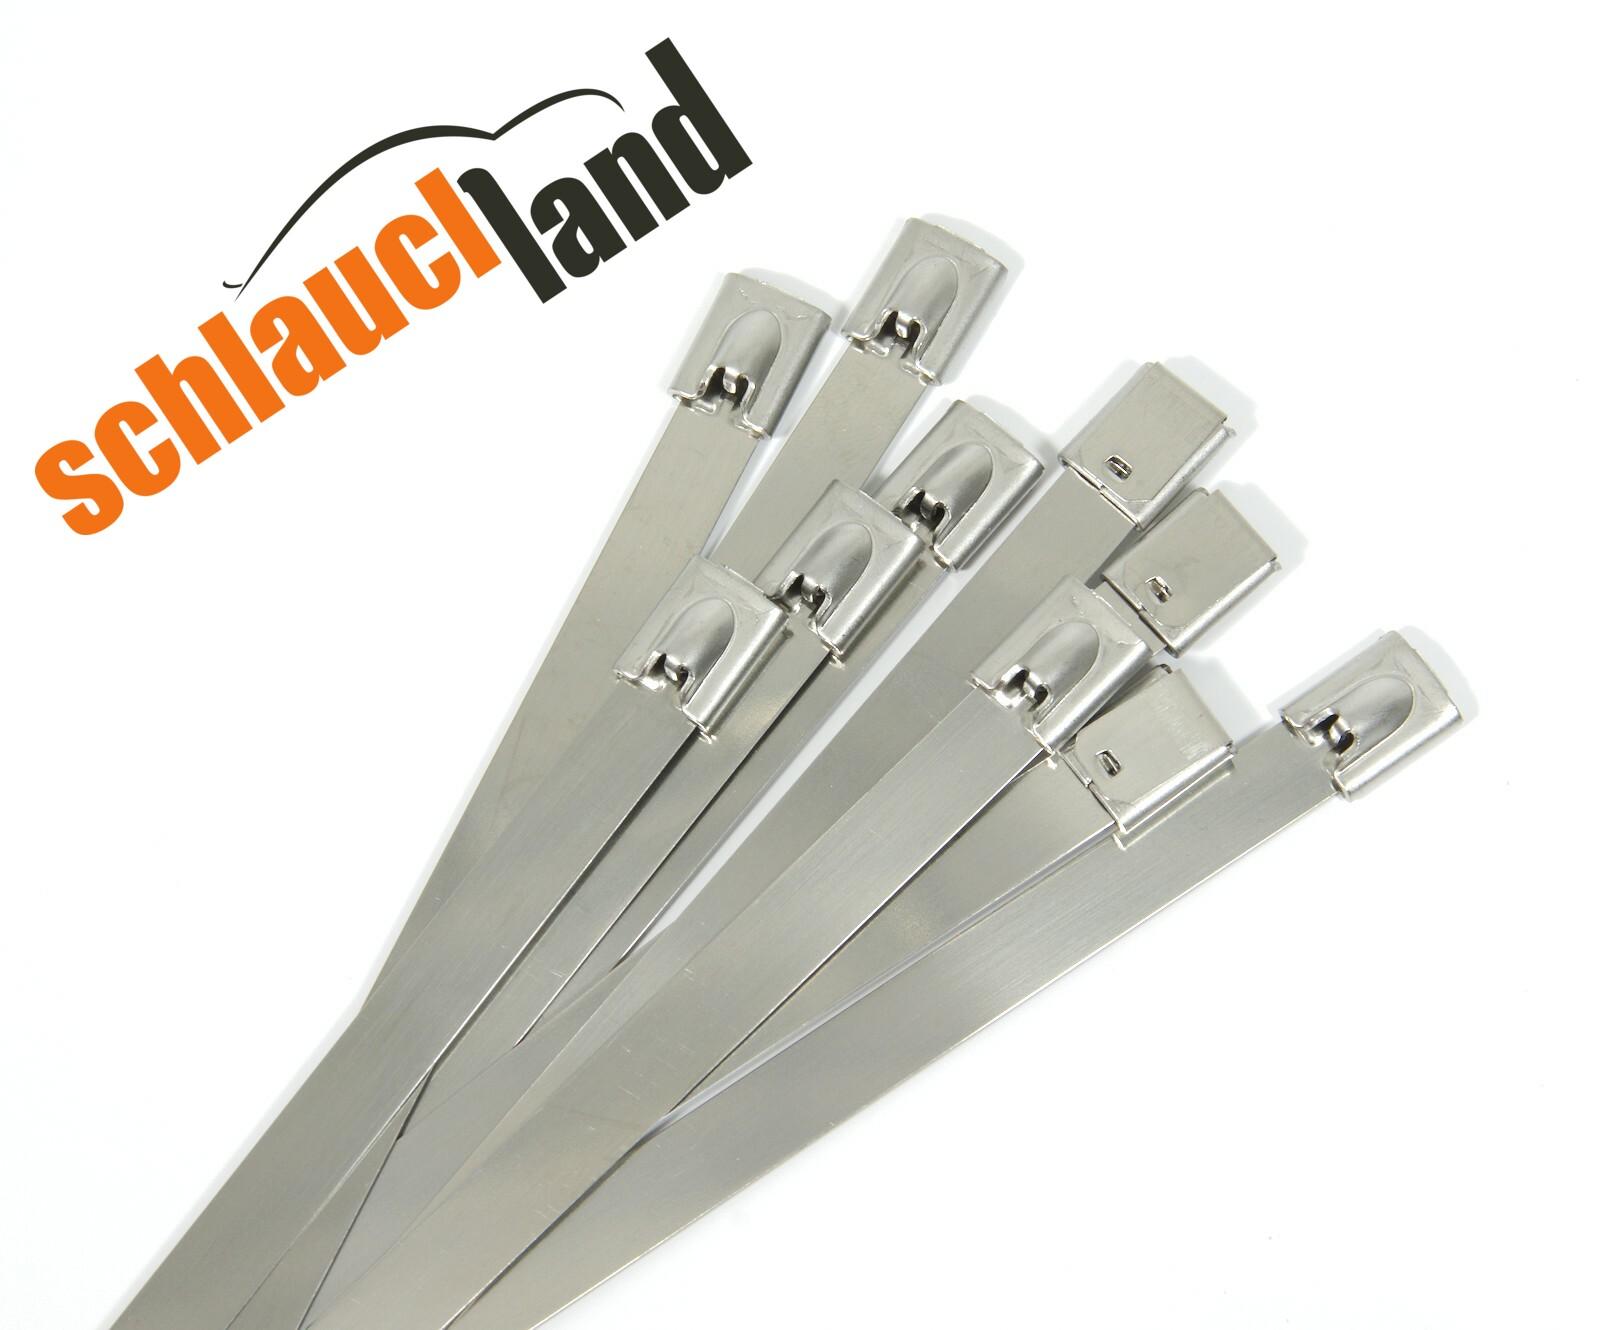 Kabelbinder Edelstahl 4,6 - 7,9 - 12 mm / Länge 100 - 750mm